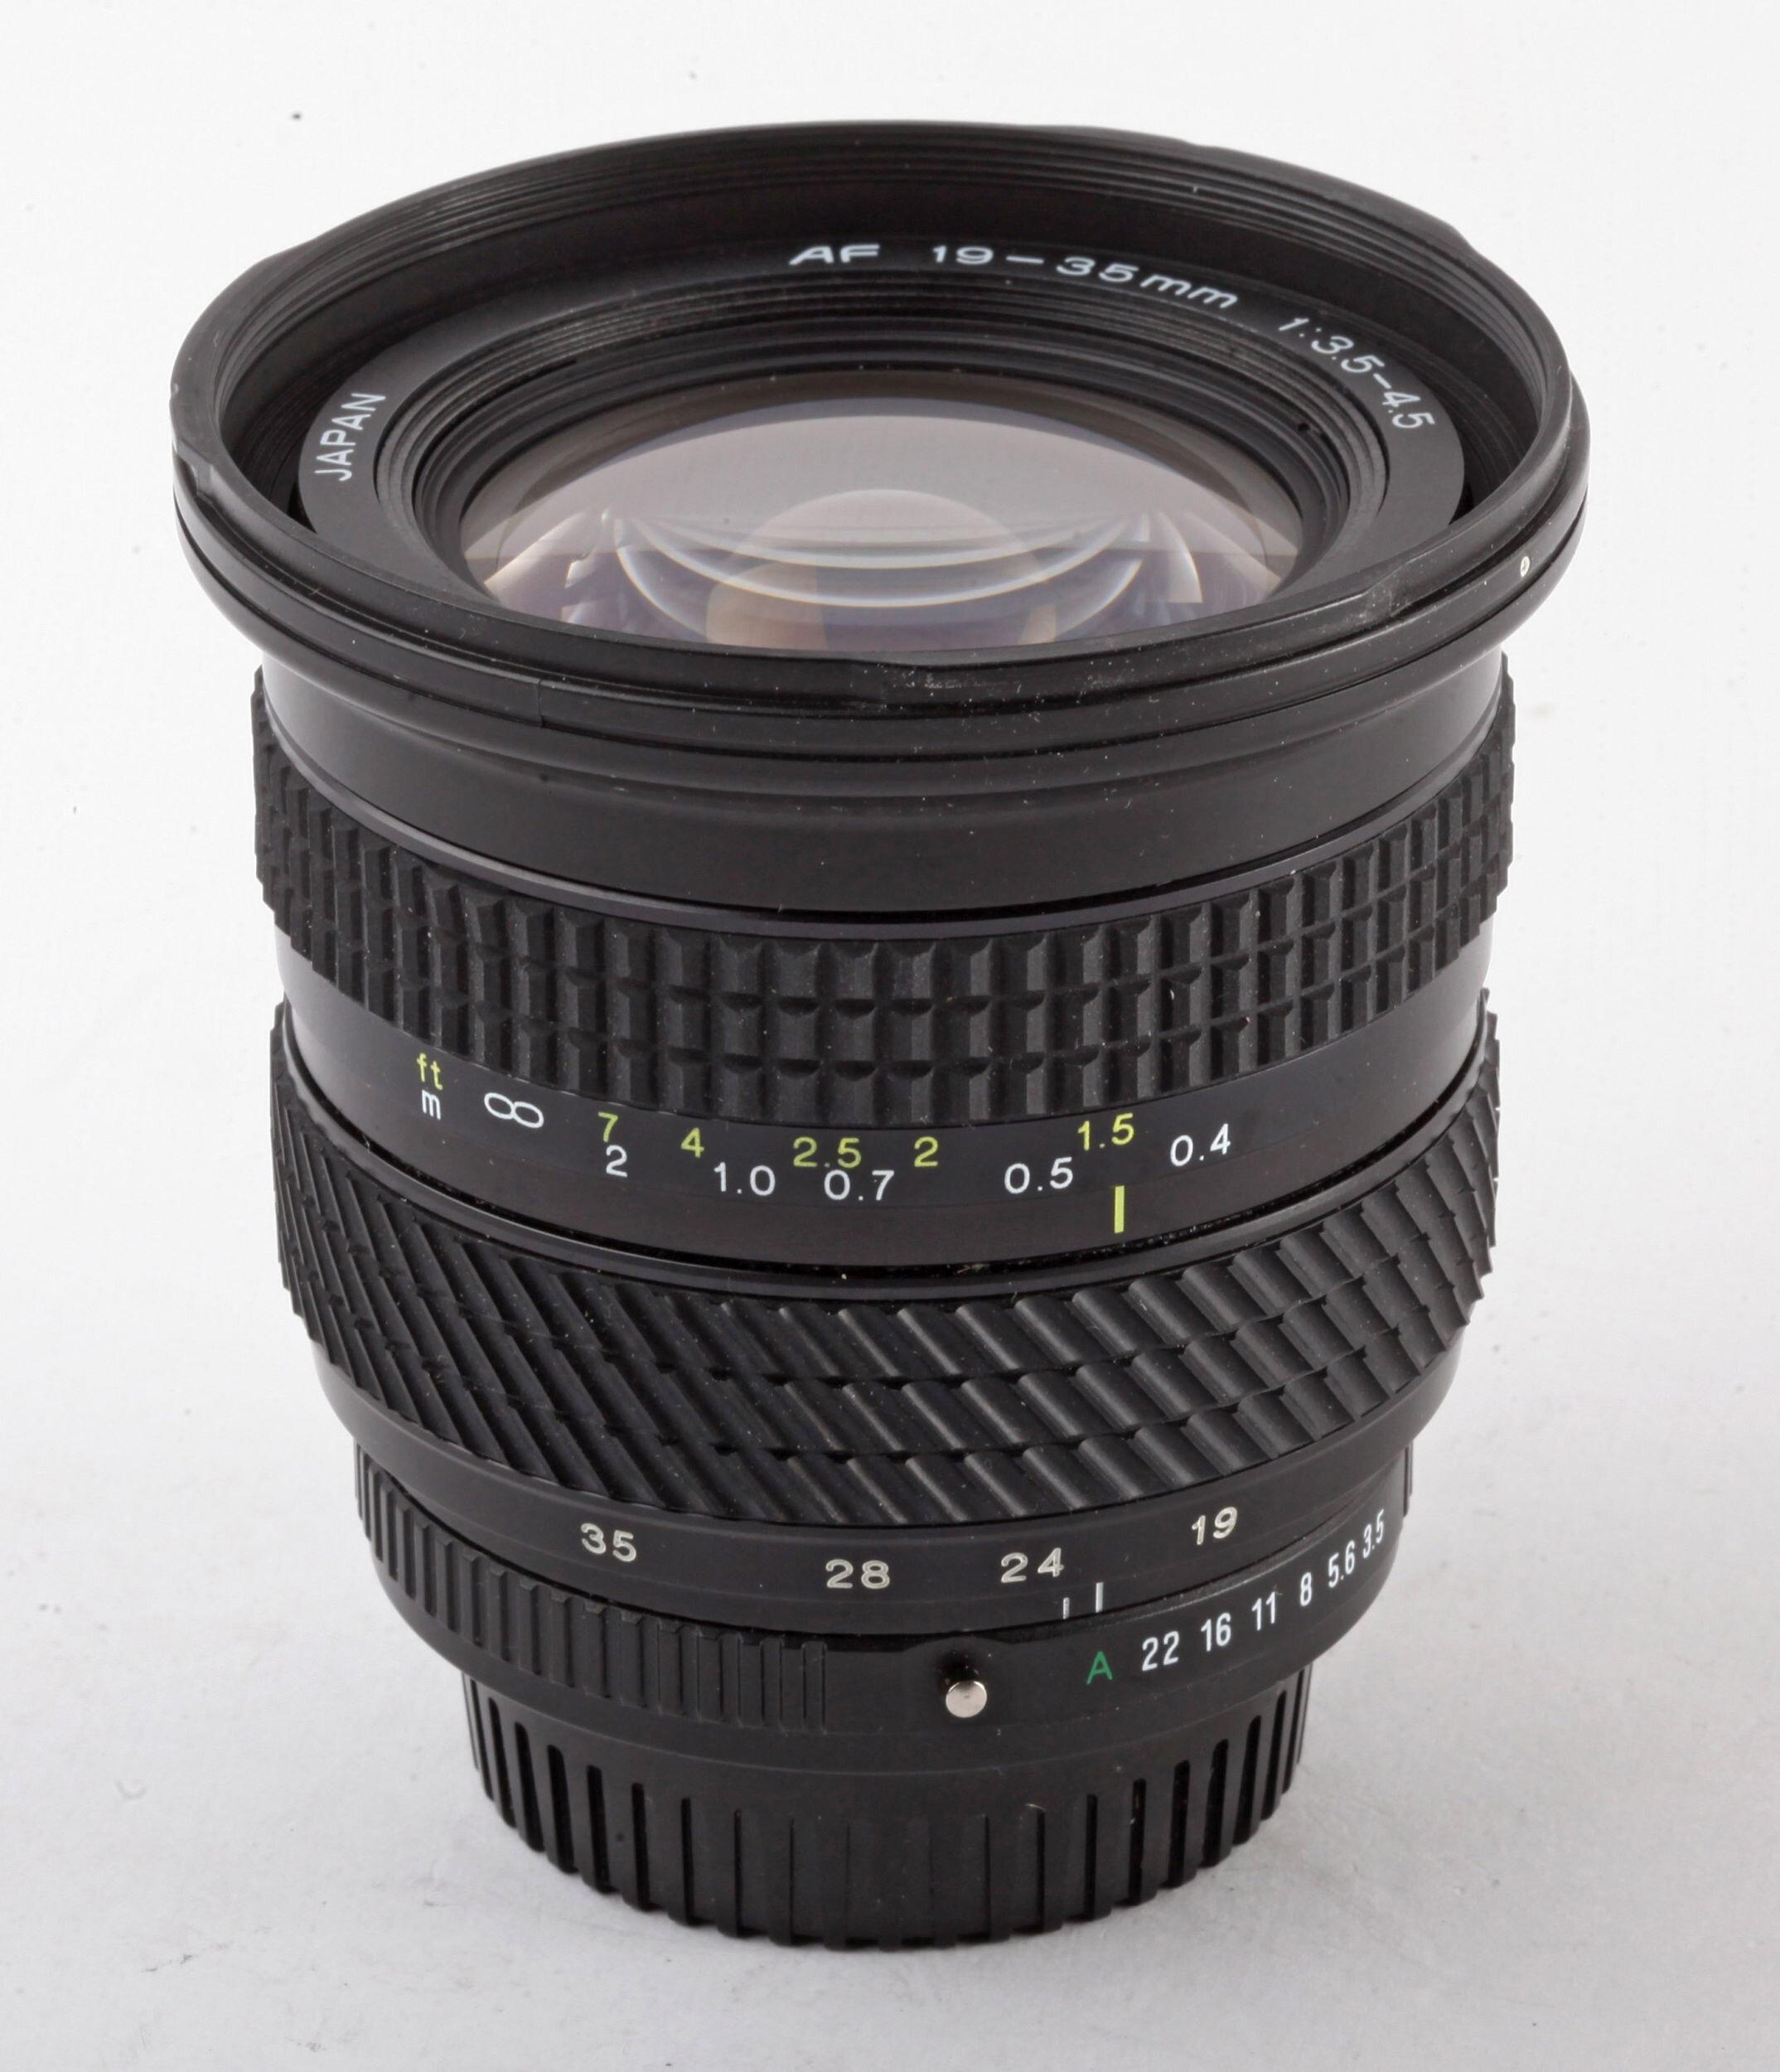 Tokina AF 19-35mm 3,5-4,5 für NPentax